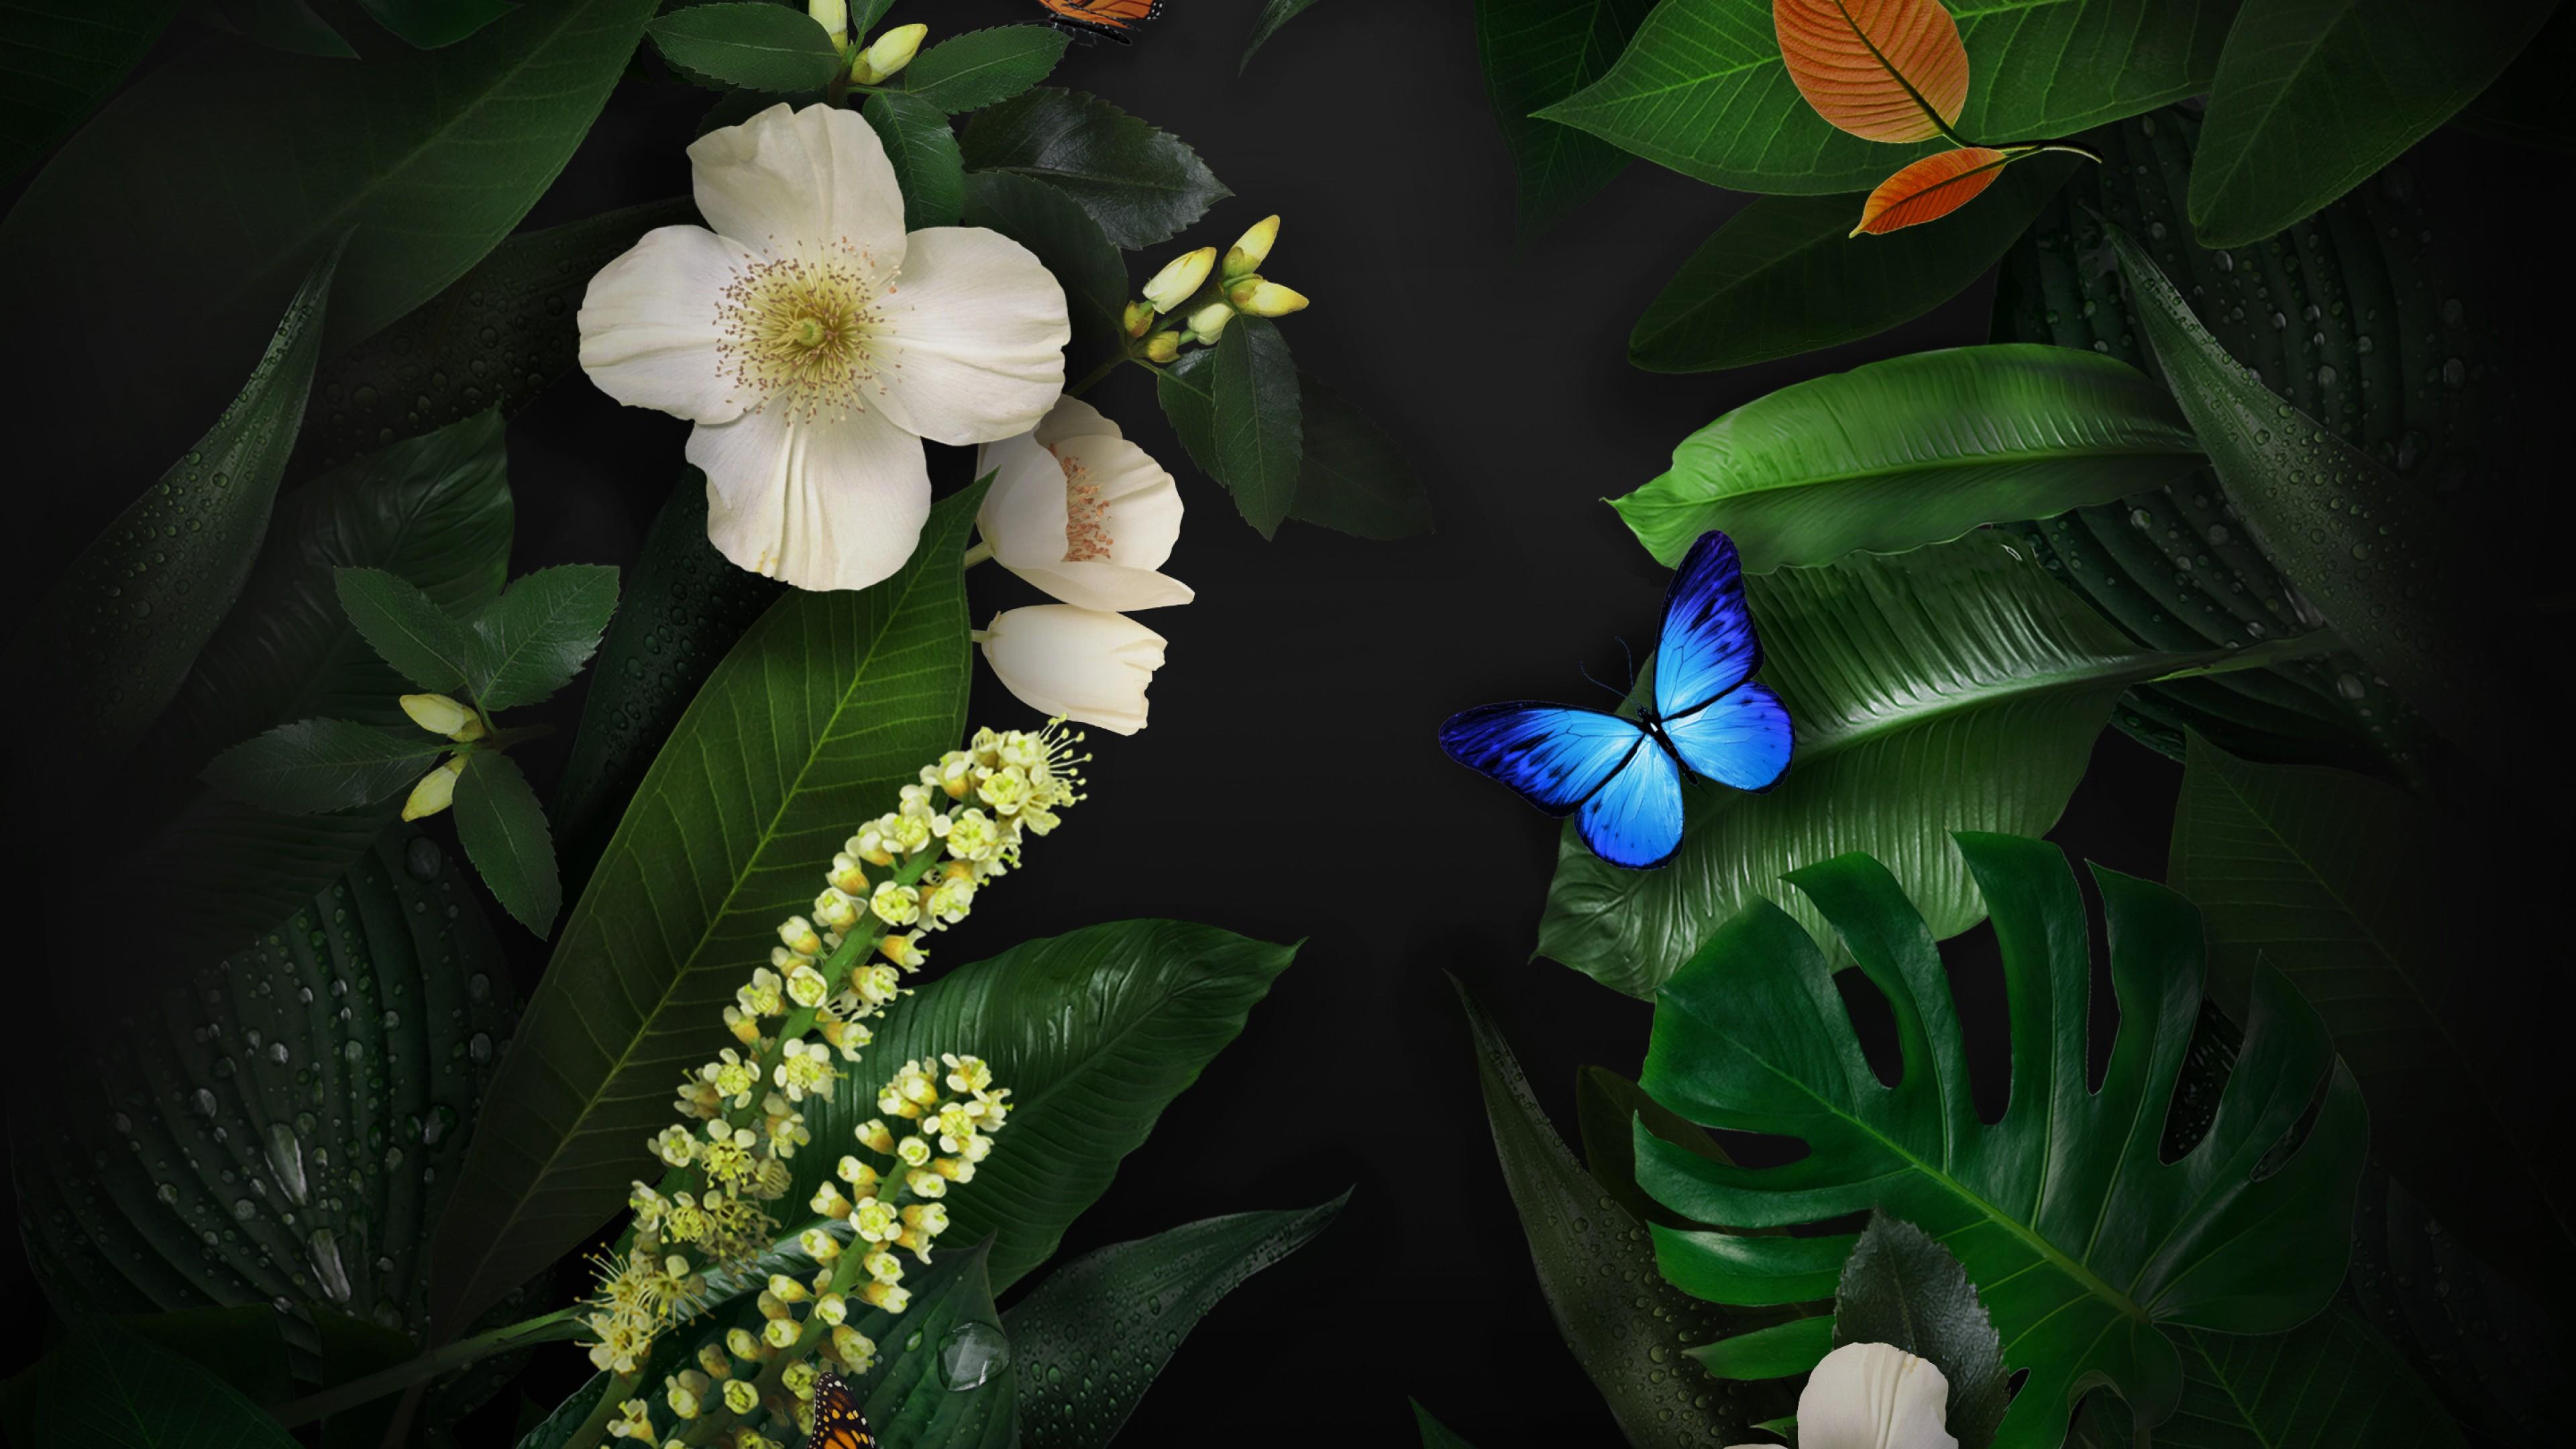 Красивая голубая бабочка на темно-зеленых листьях отражает свет на белые цветы